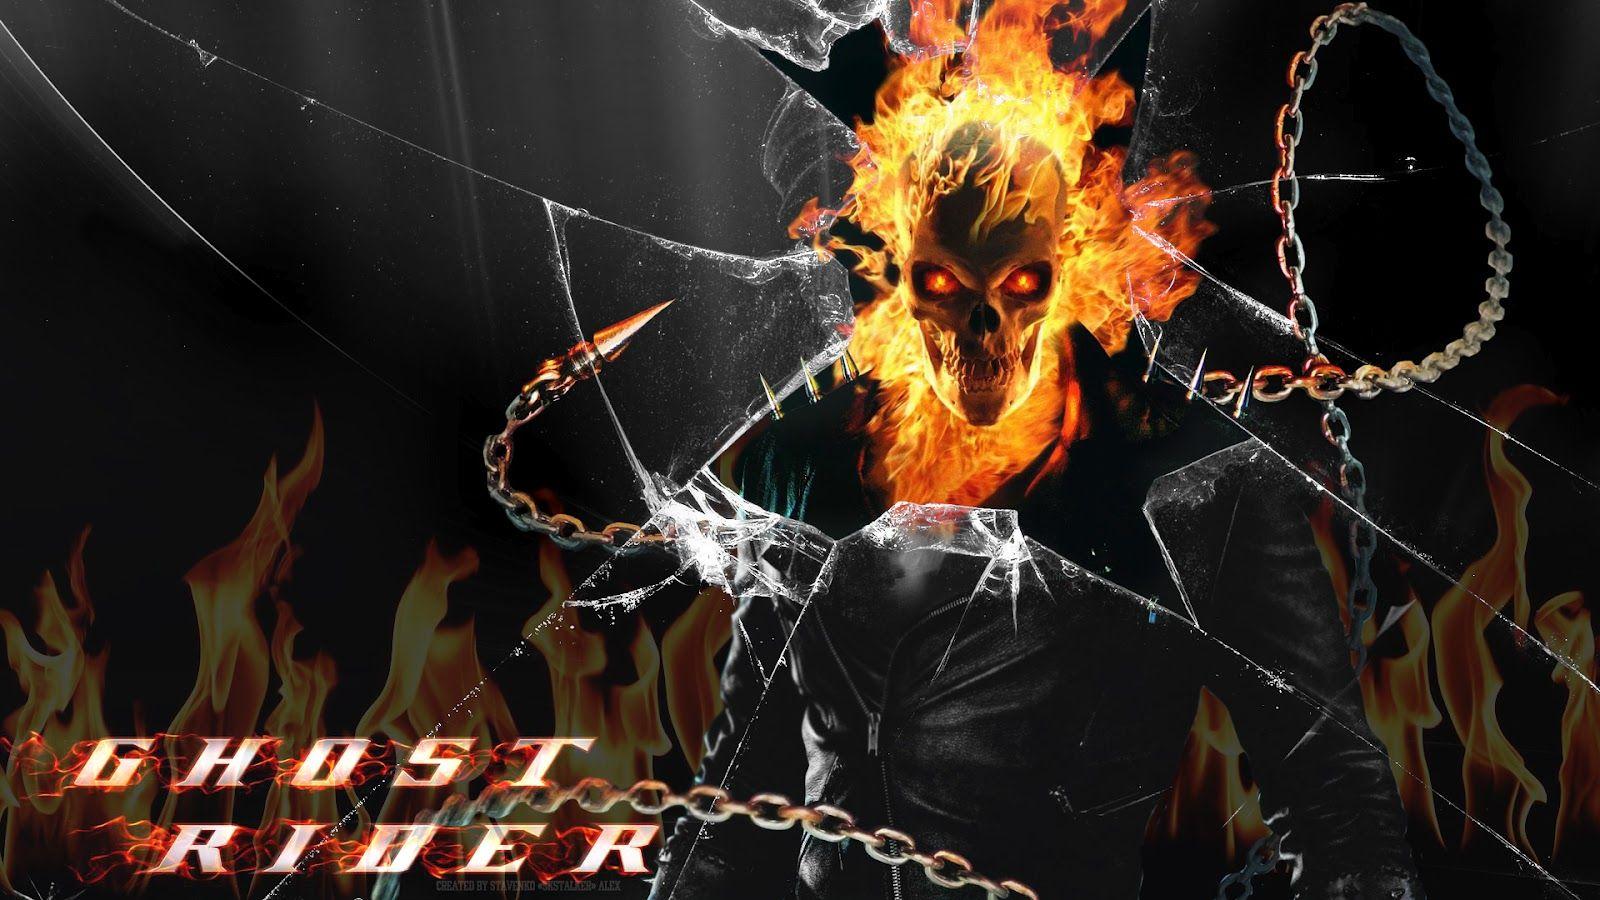 ghost rider wallpaper !!! | ghost rider | pinterest | wallpaper